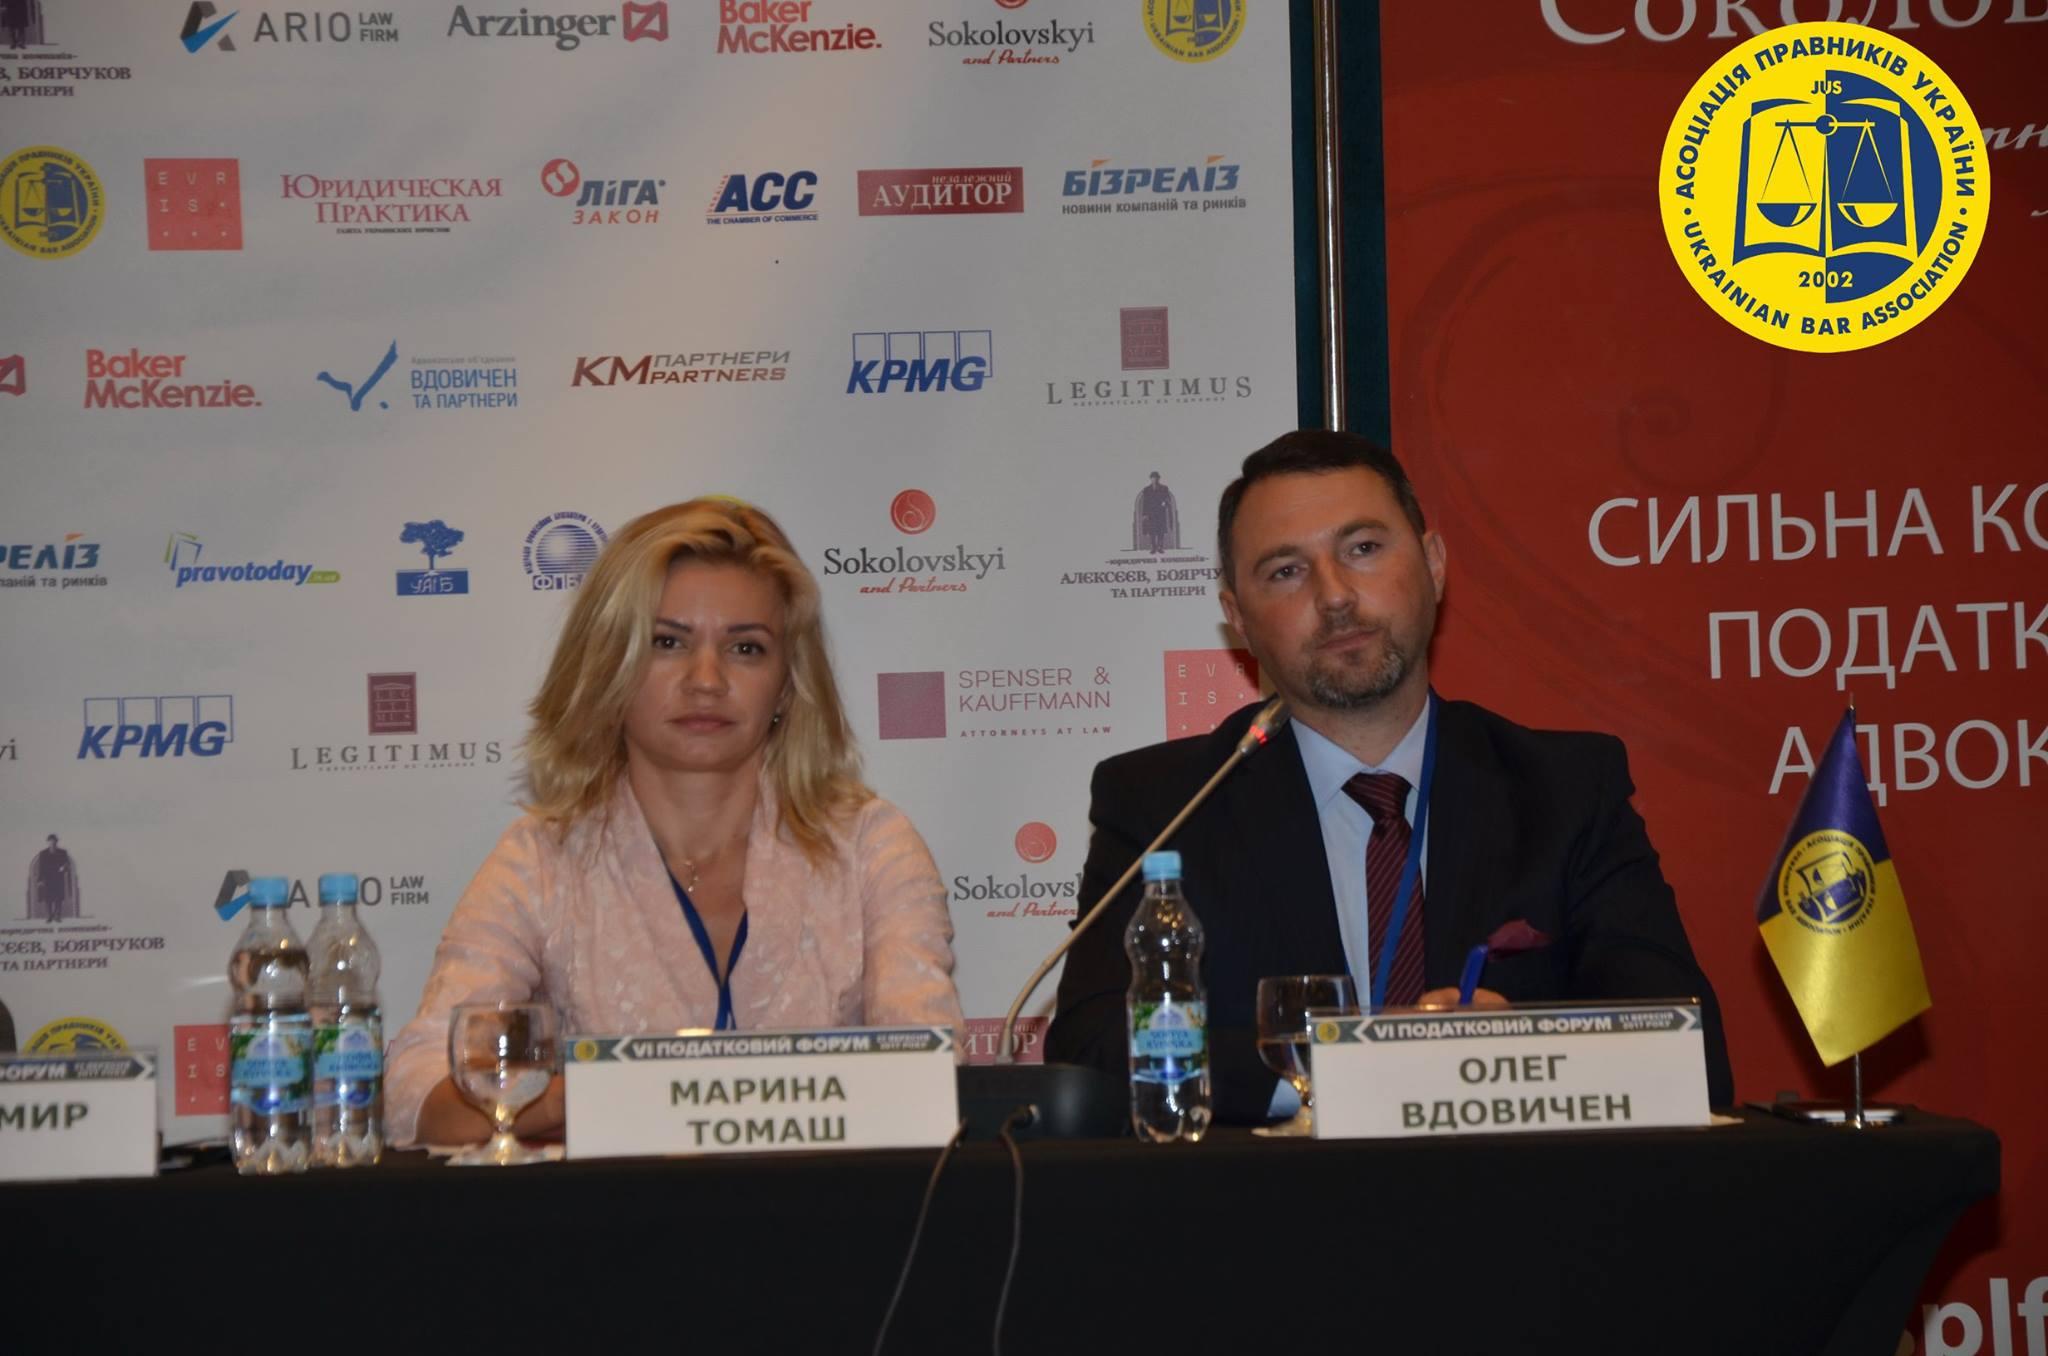 Олег Вдовичен виступив модератором сесії VI Податкового форуму АПУ